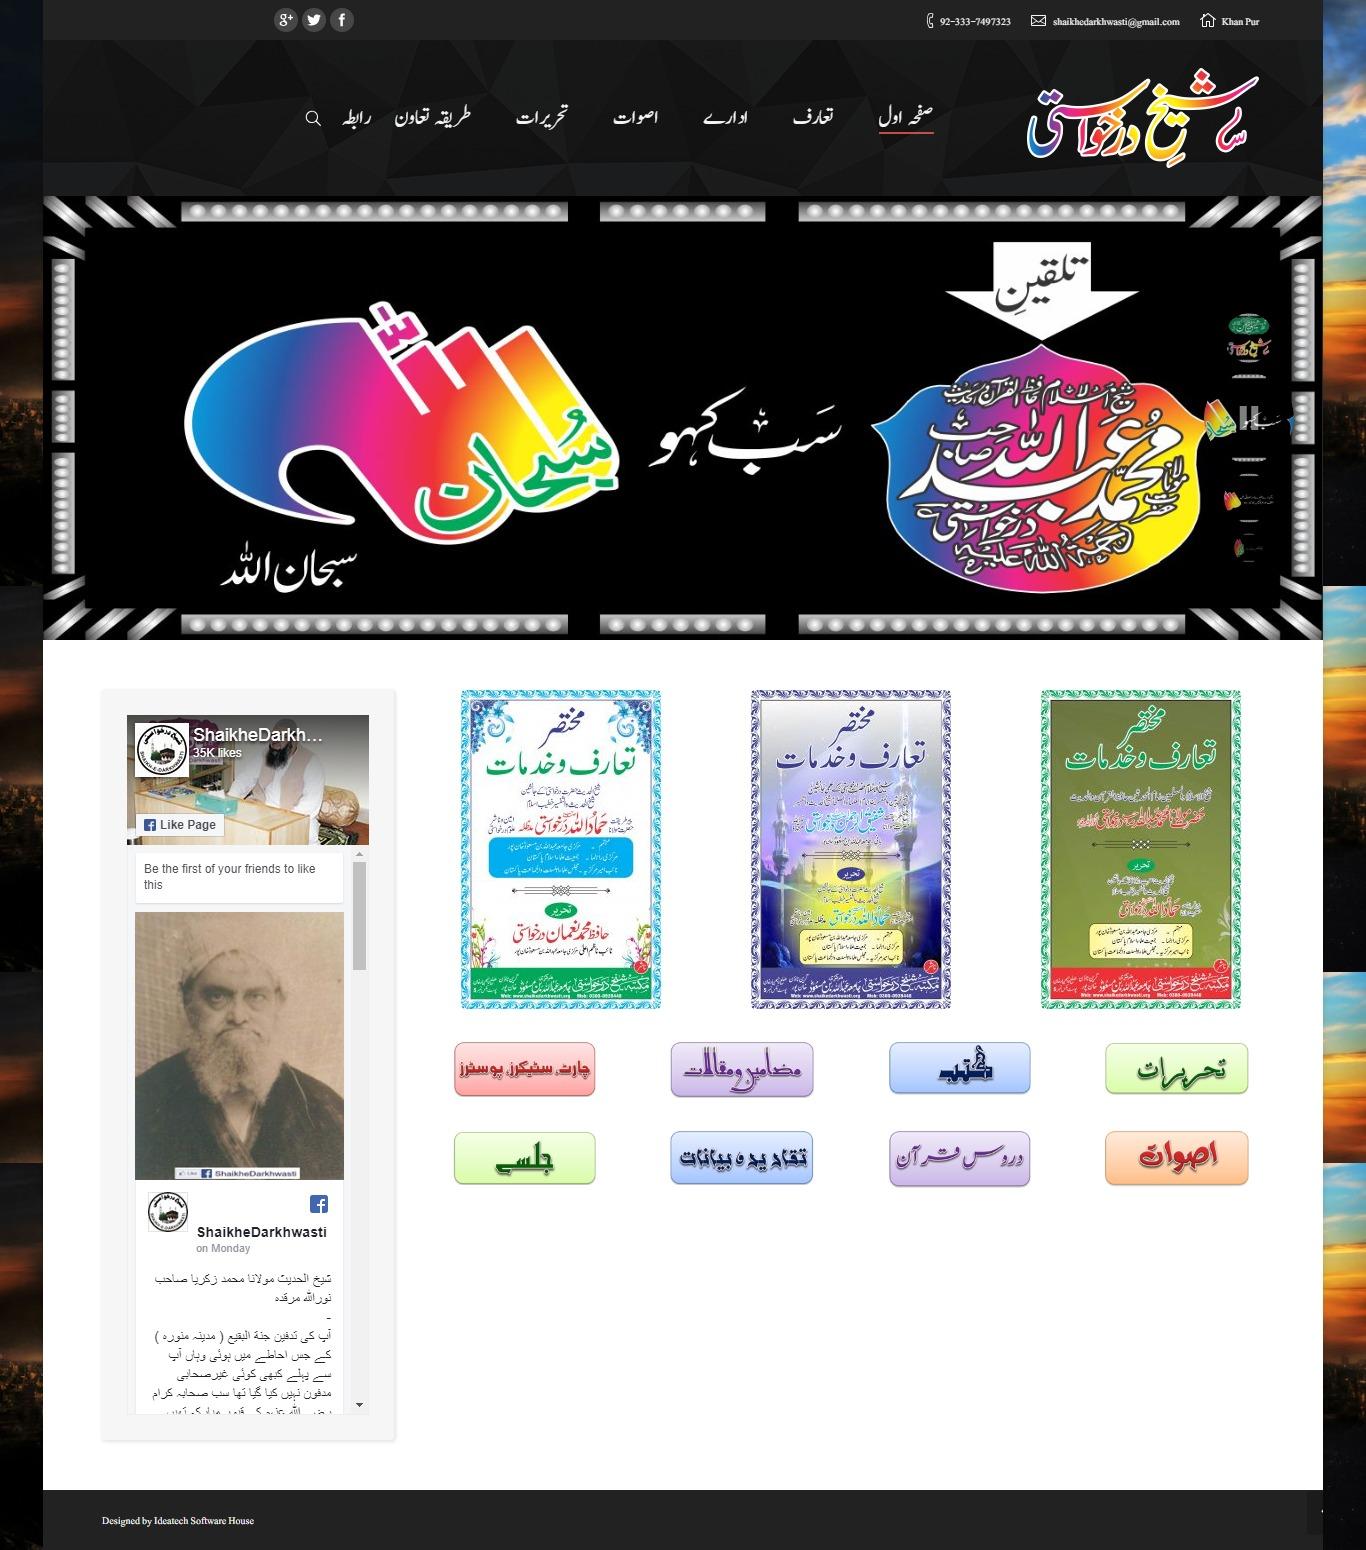 shaikhedarkhwasti.org